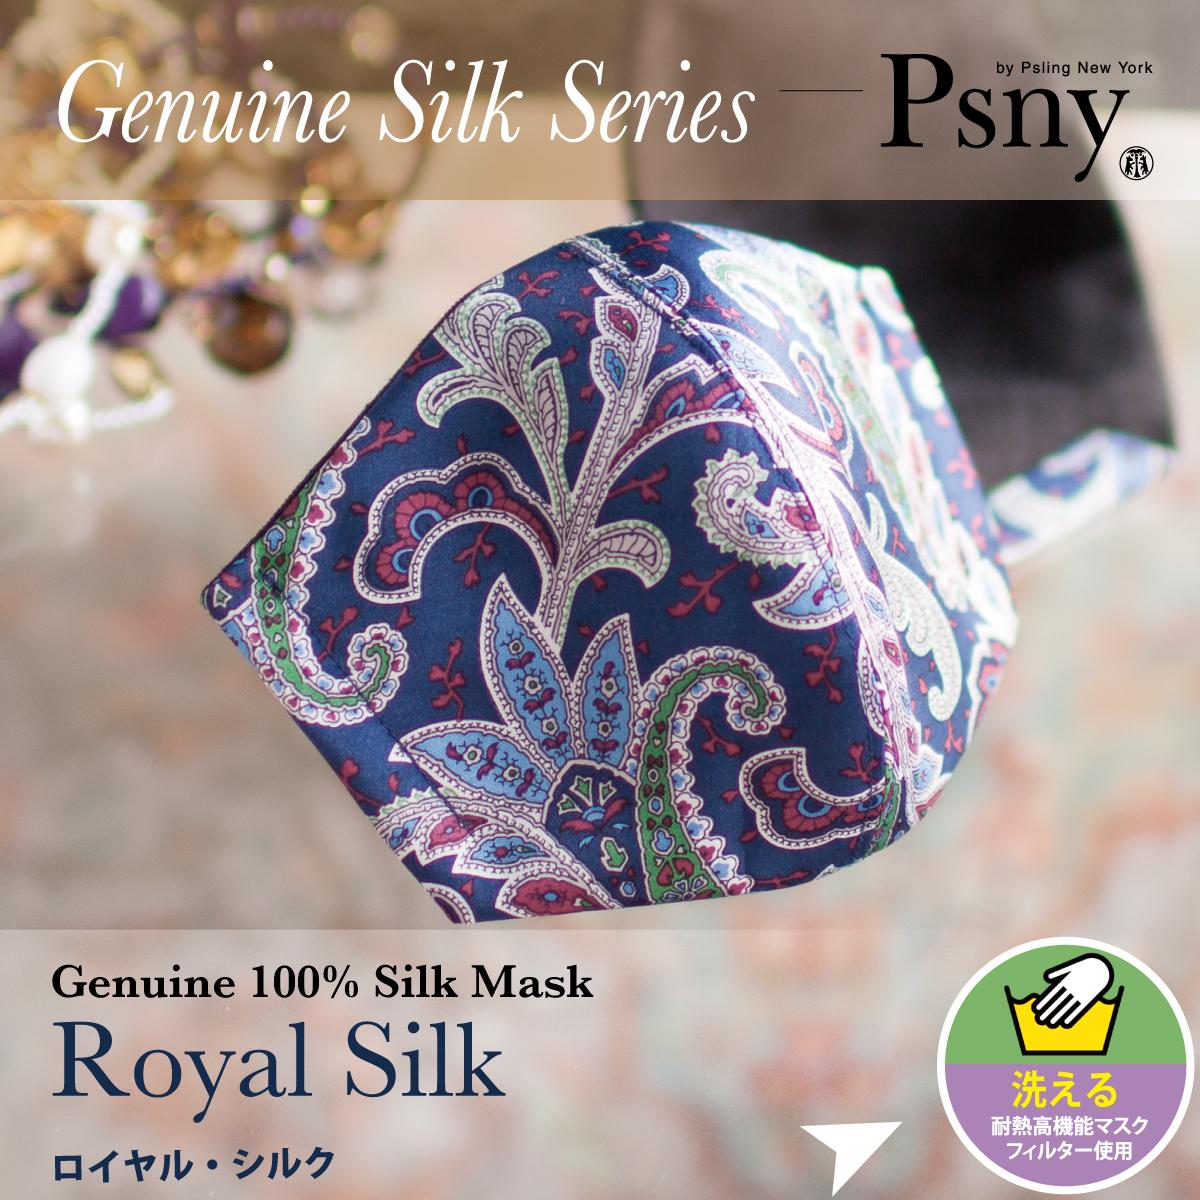 PSNY シルク ロイヤル マスク 花粉 黄砂 洗えるフィルター入り 立体 マスク 大人用 送料無料